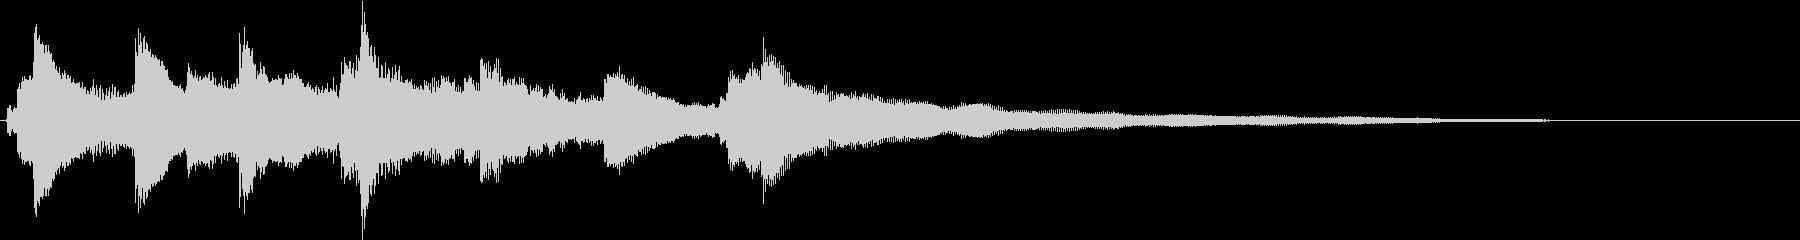 シンプルなピアノ - 爽やかなジングルの未再生の波形